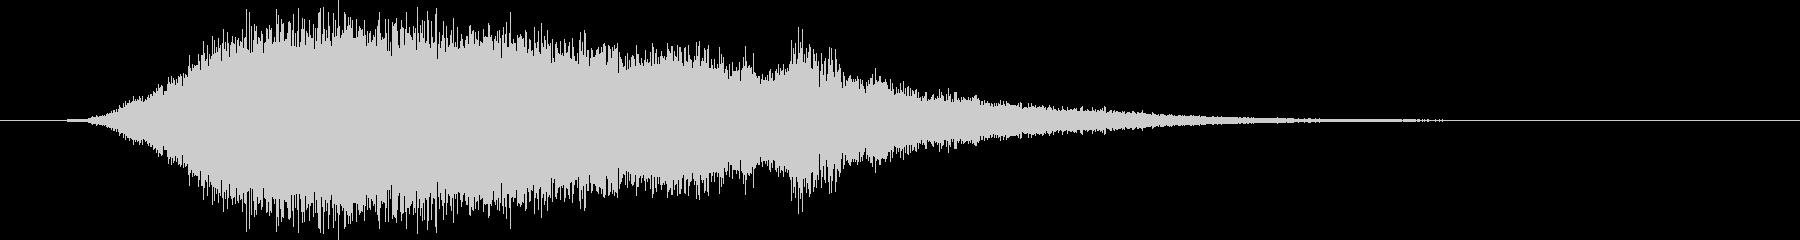 シュワー(発泡・炭酸イメージジングル)の未再生の波形